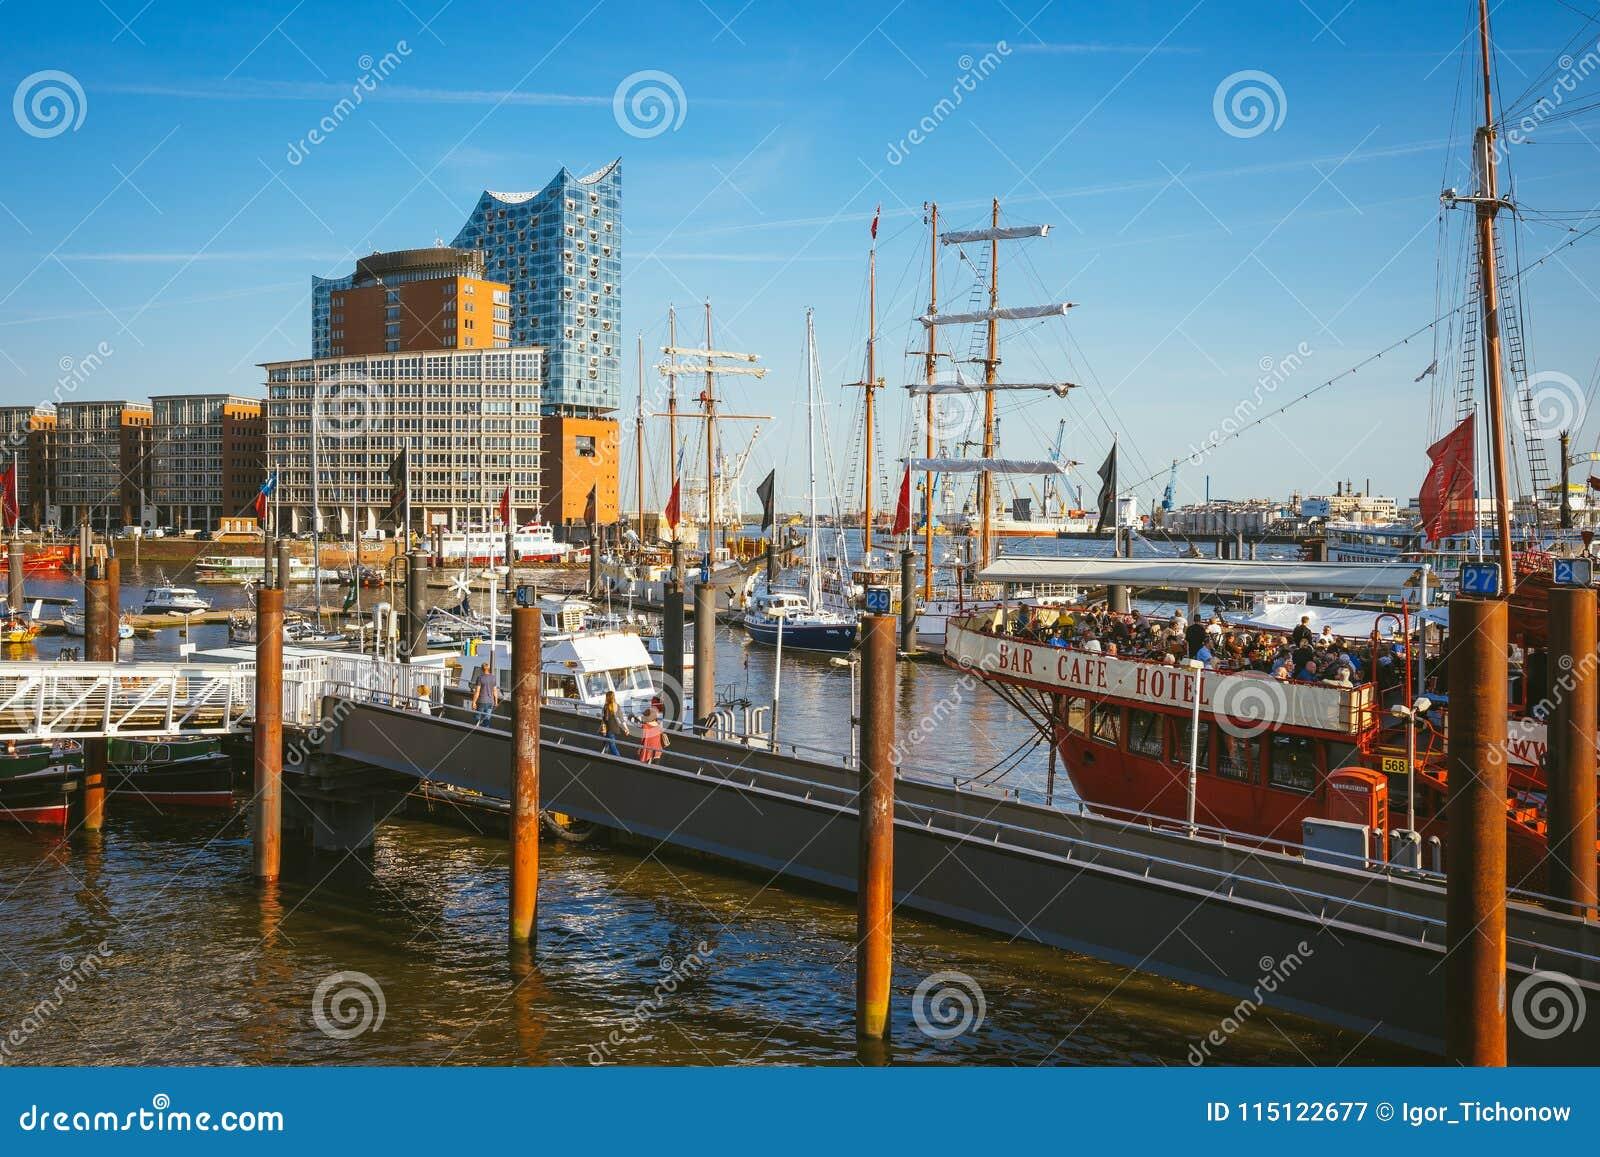 Hamburg Germany May 17 2018 Hafencity Speicherstadt